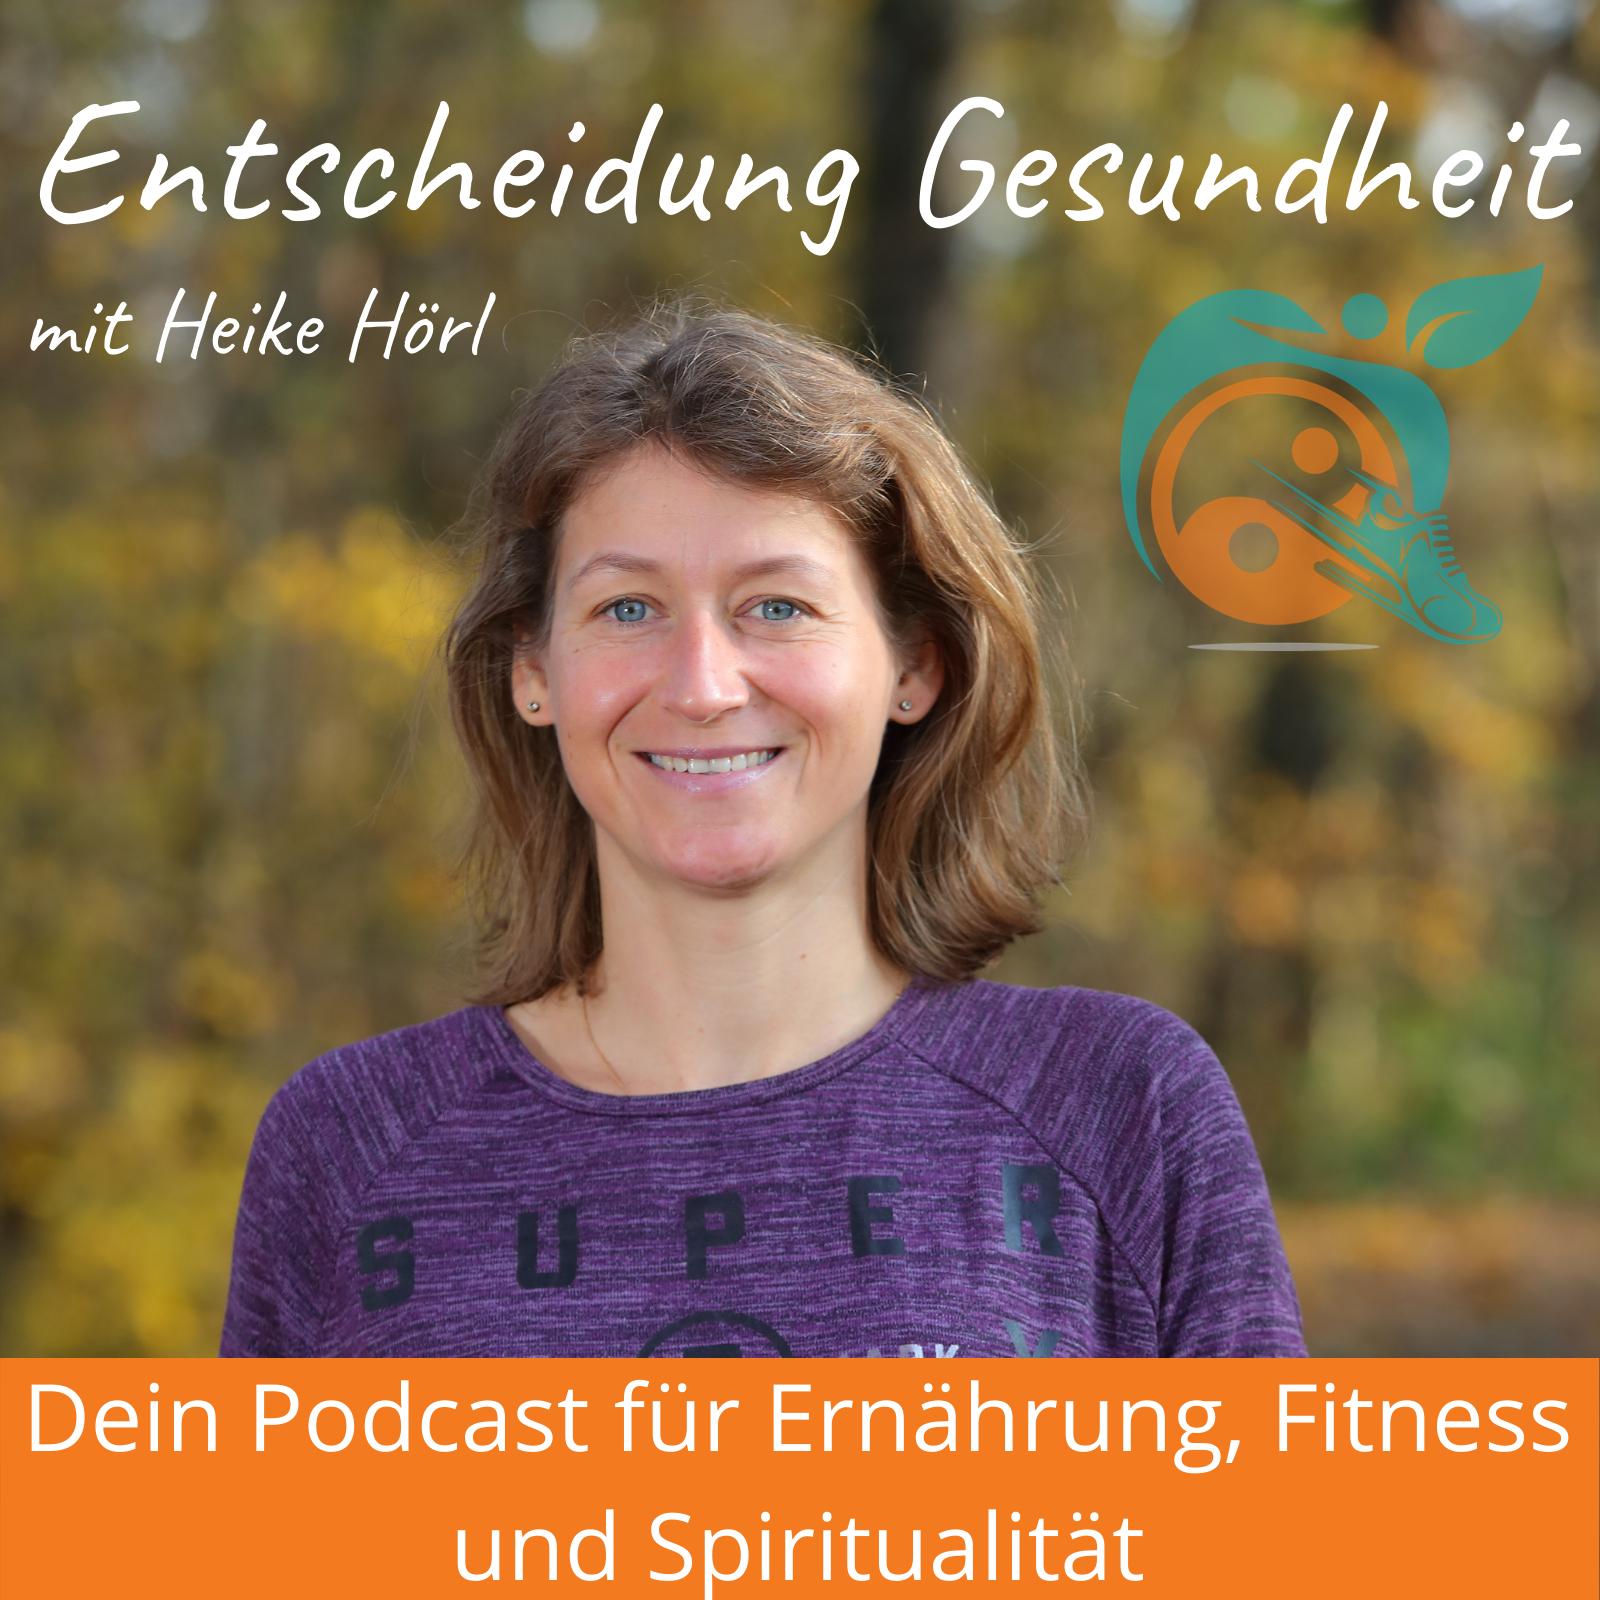 Podcast Heike Hörl Entscheidung Gesundheit